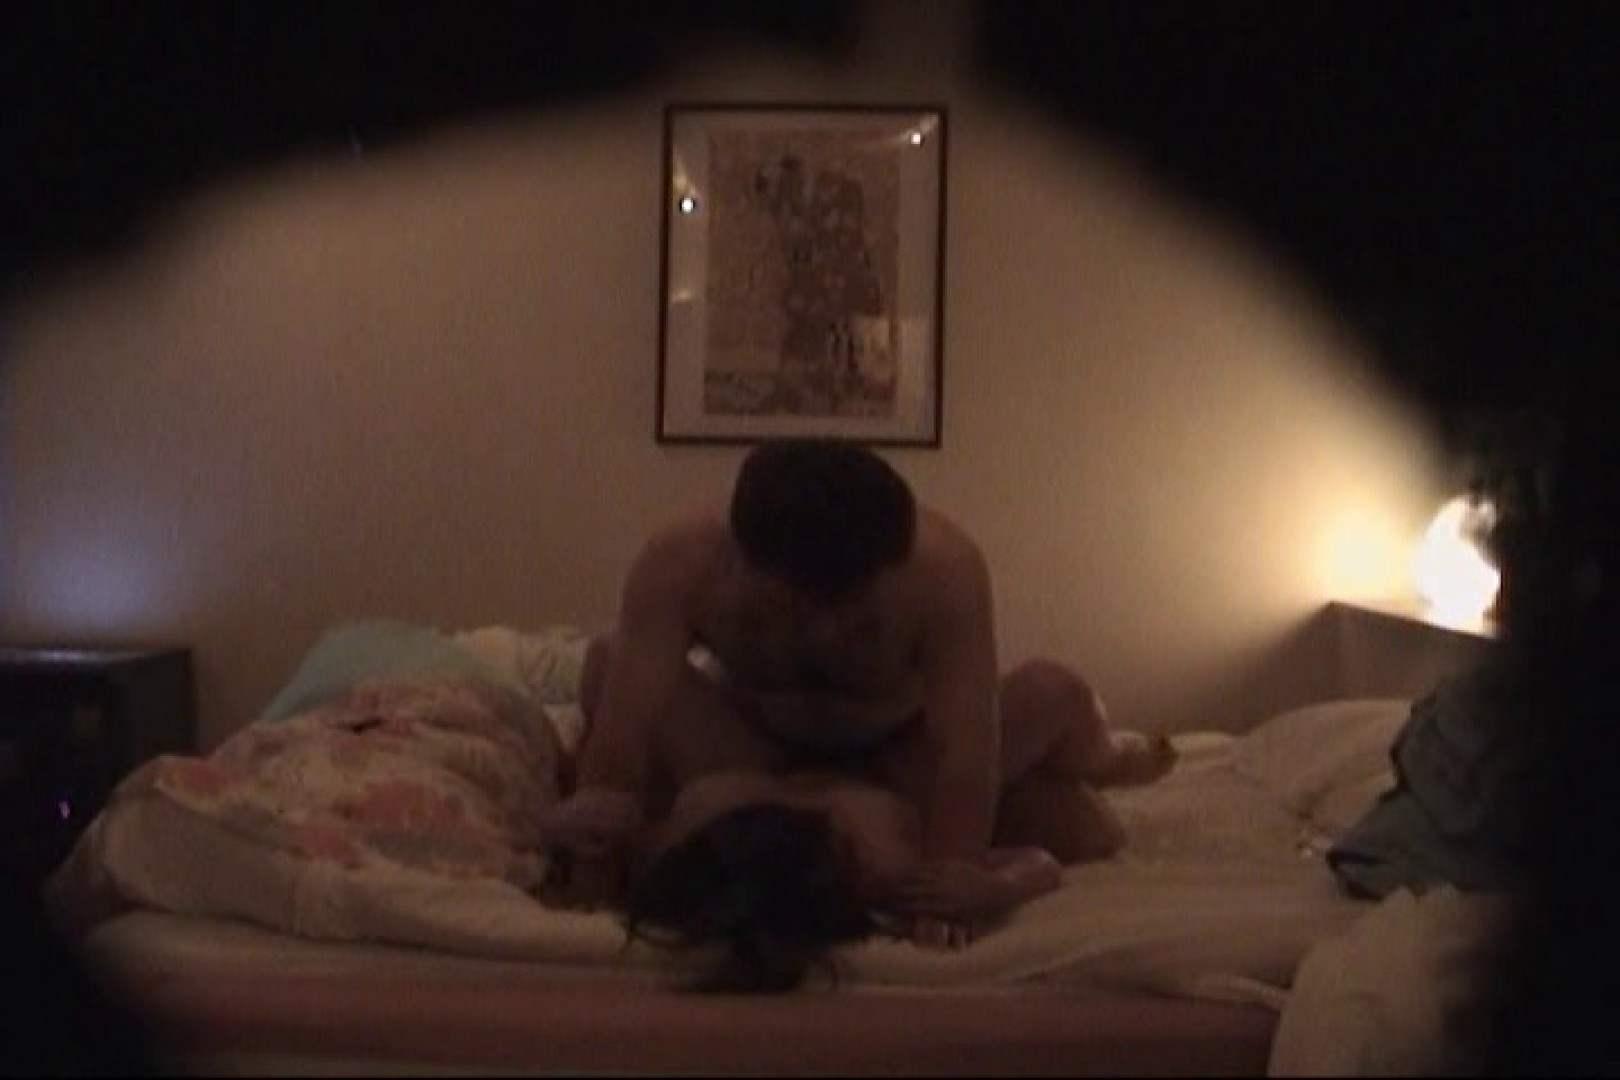 デリ嬢マル秘撮り本物投稿版④ ホテル オメコ無修正動画無料 100pic 47